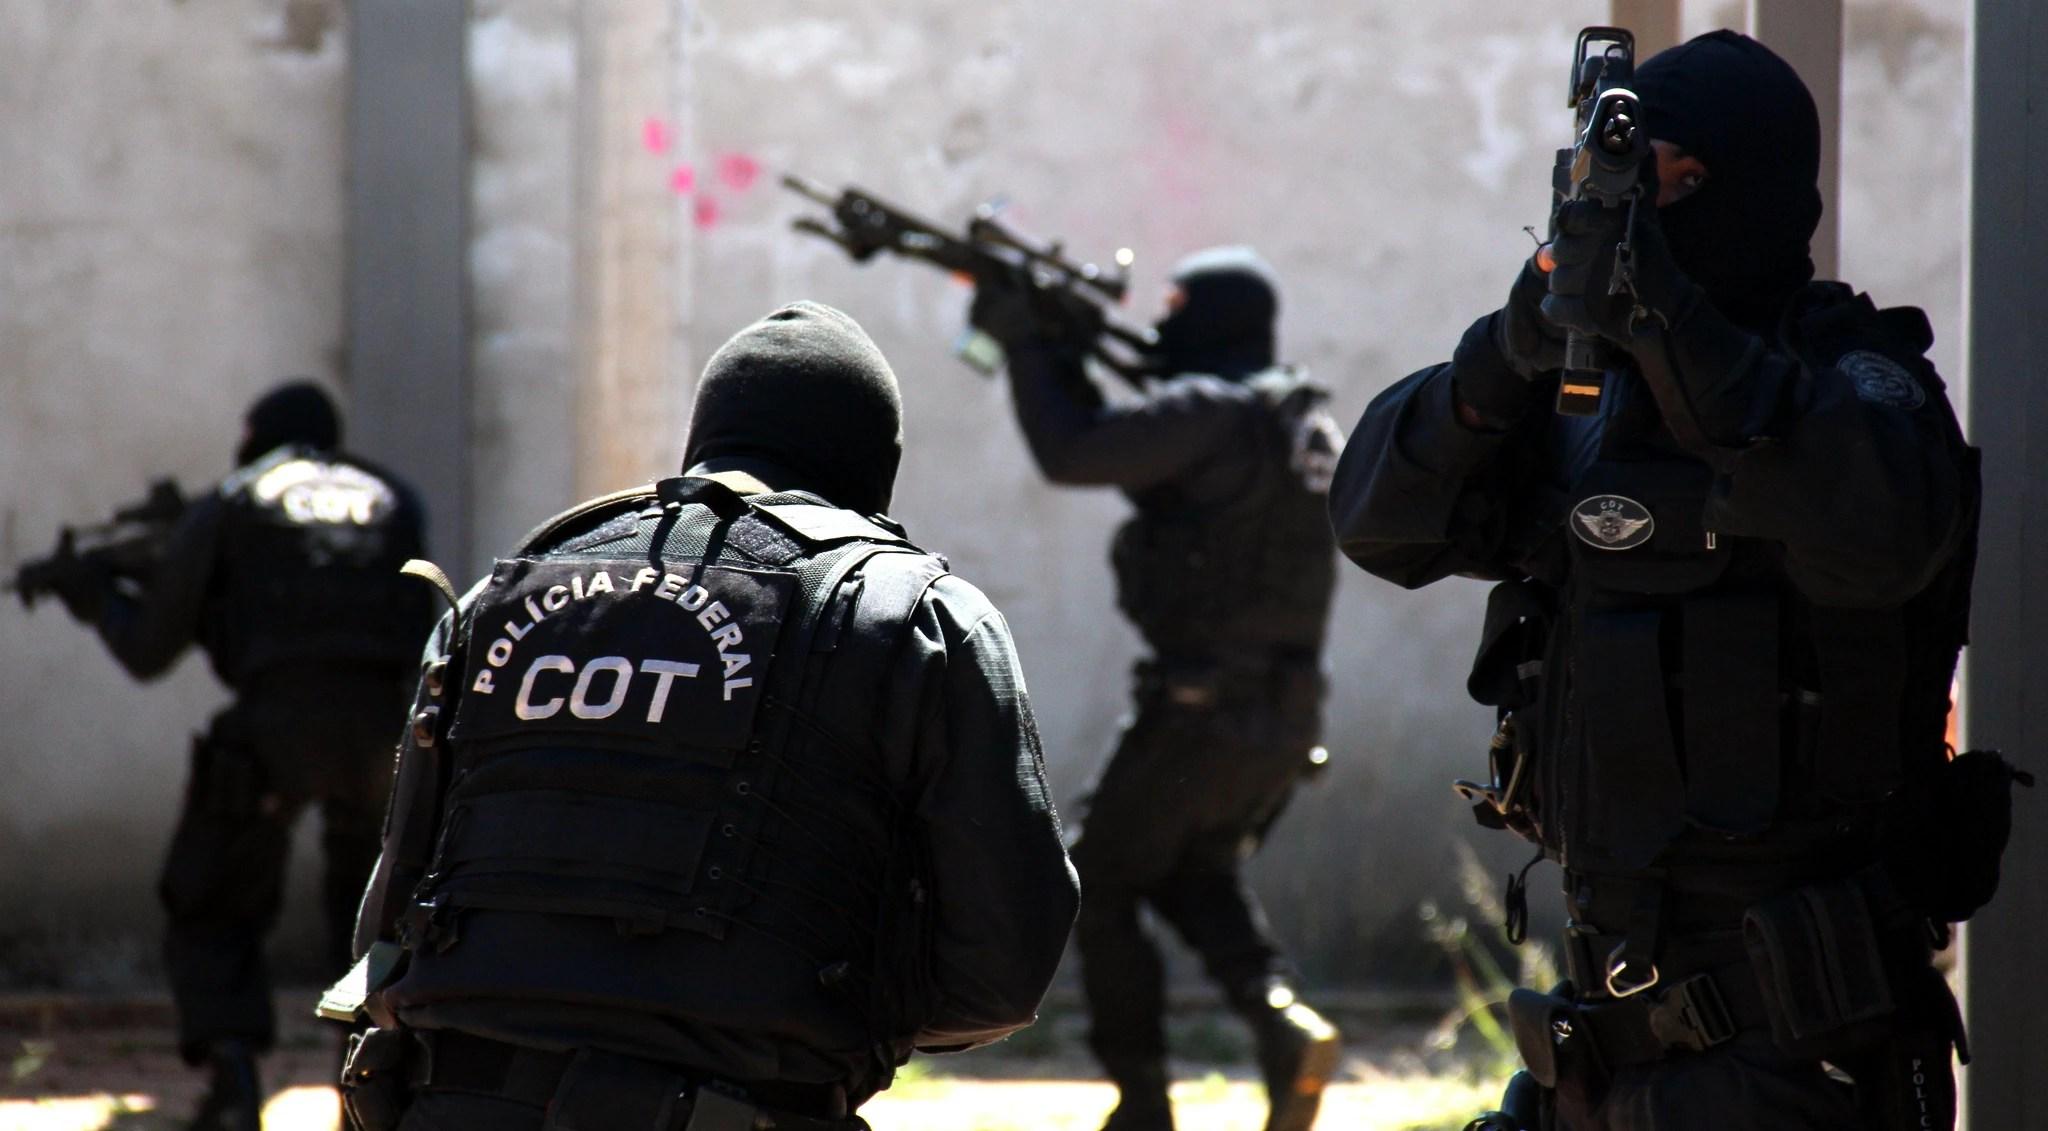 Agentes do Comando de Operações Táticas, da Polícia Federal: efetivo da corporação tem sido um dos tópicos abordados pelos candidatos